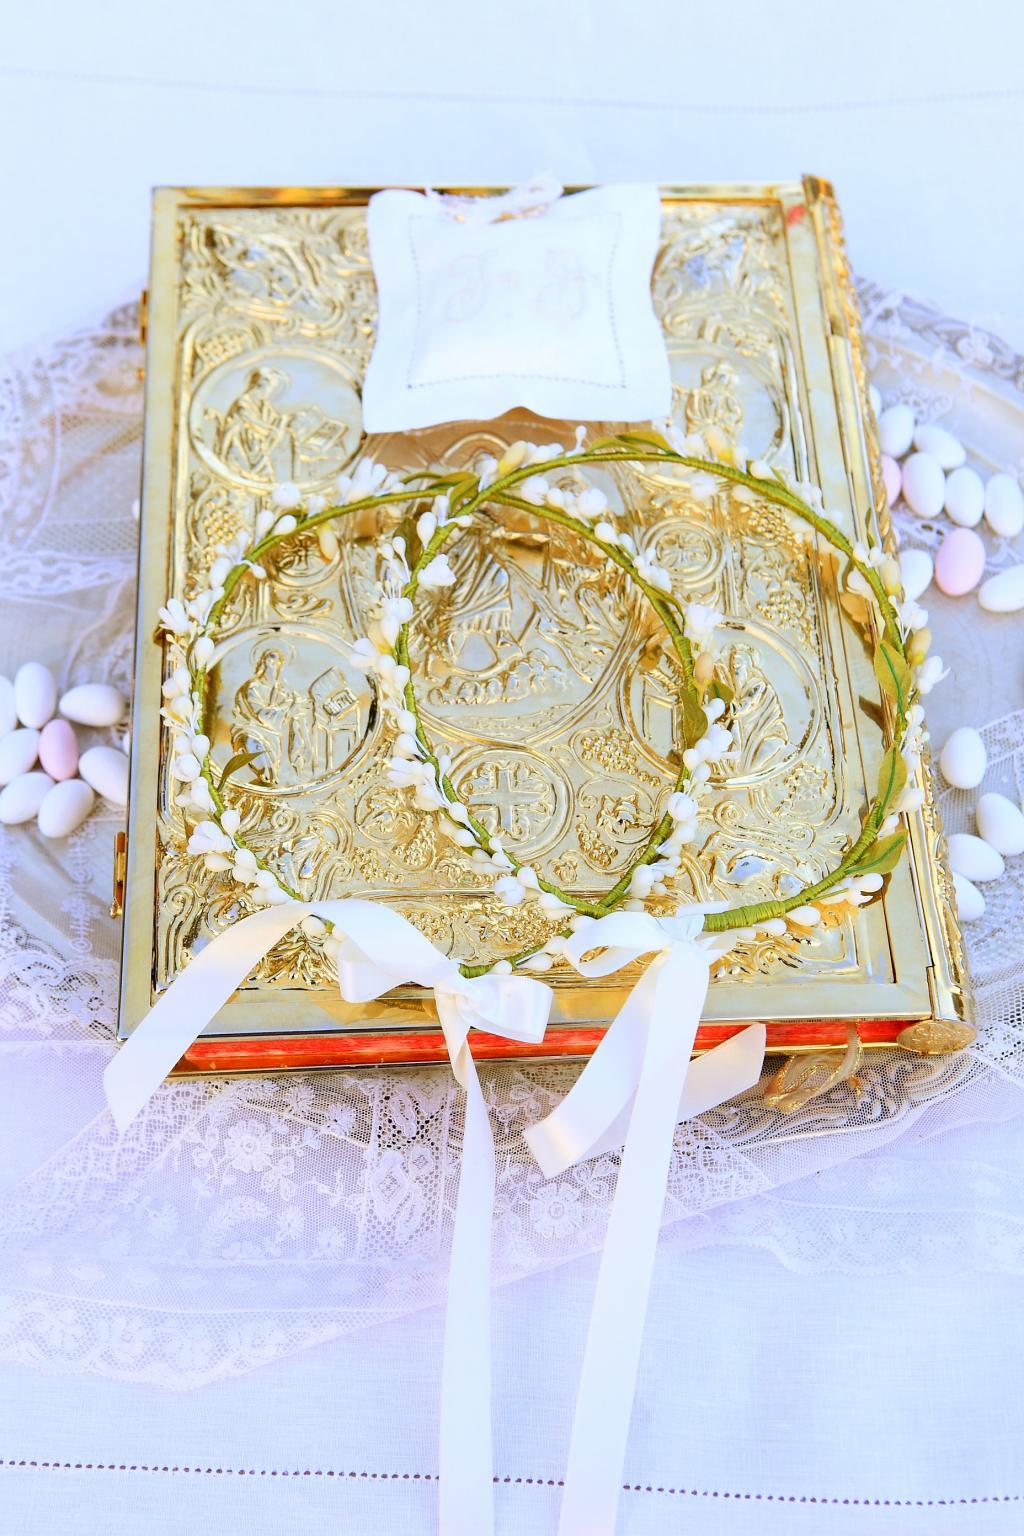 G&I Athens wedding - Image 2